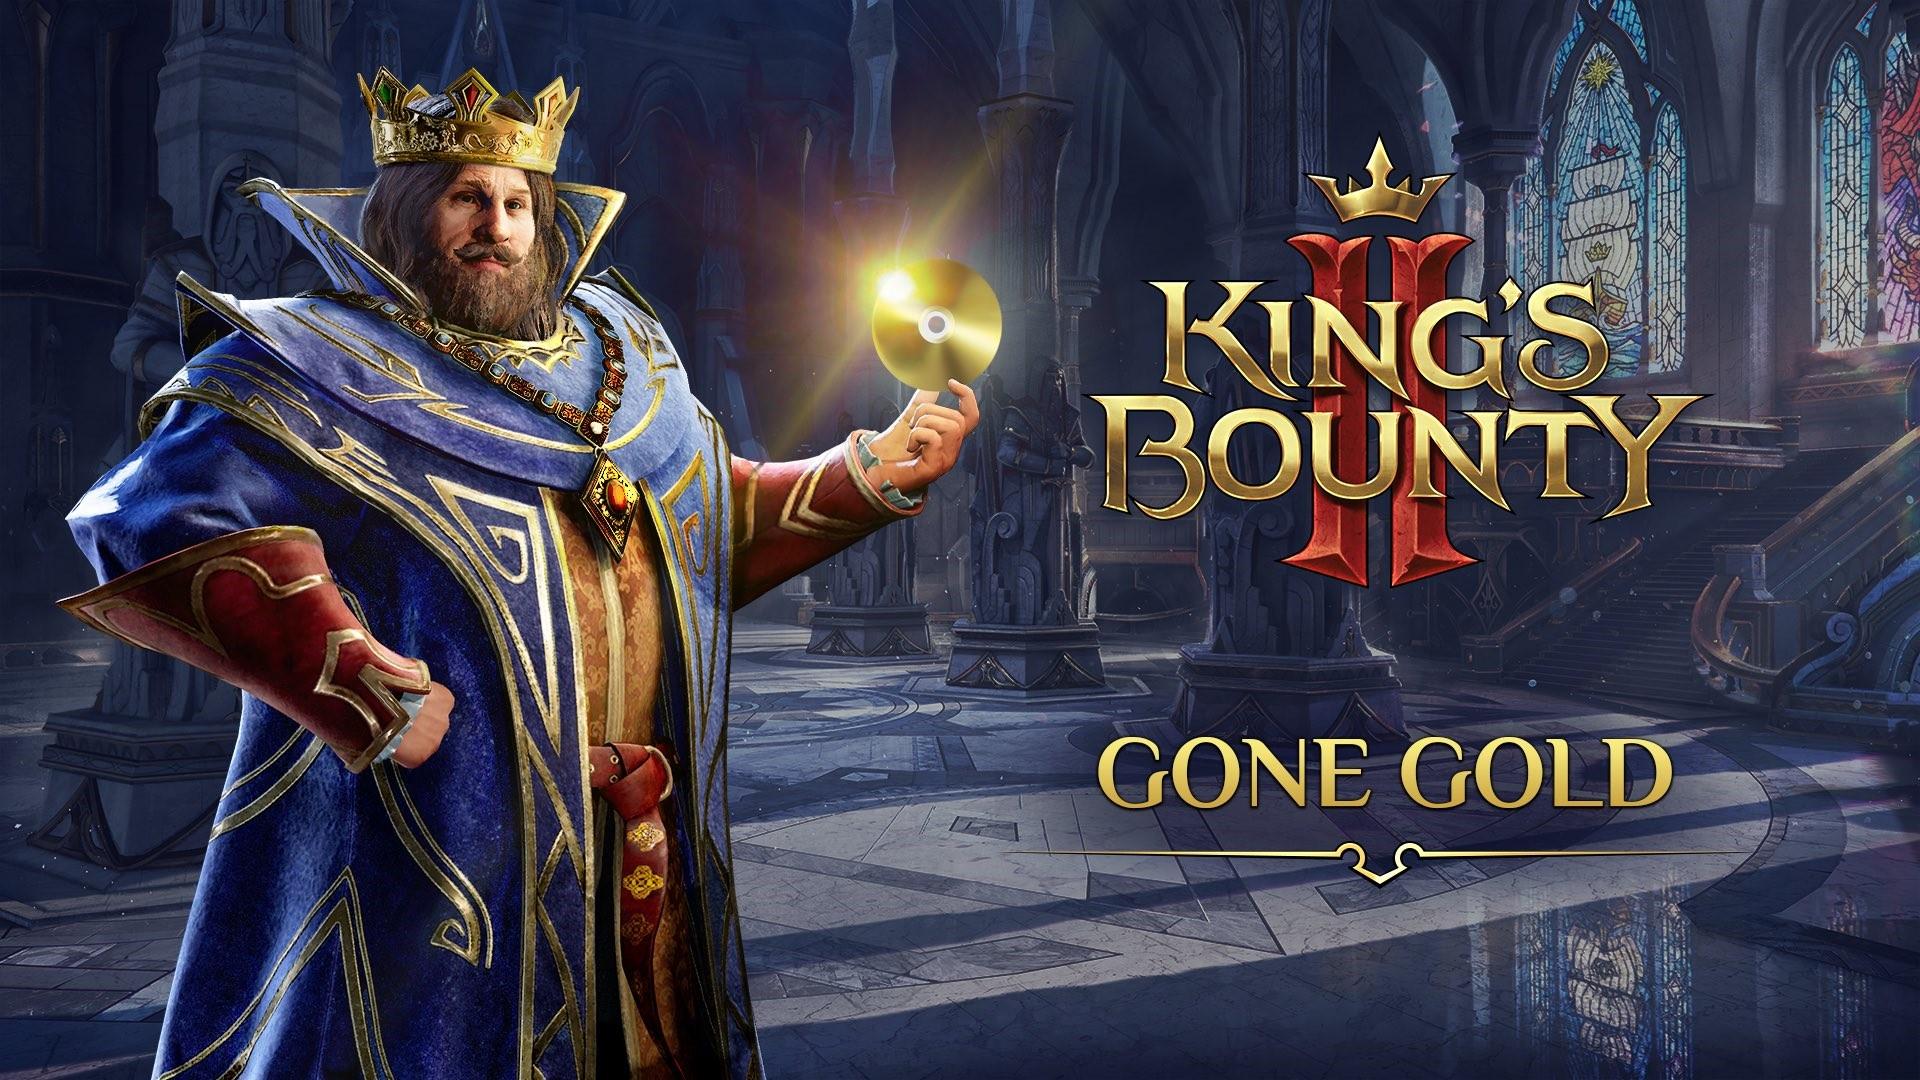 《国王的恩赐2》实机演示视频公布,用你的智慧恢复诺斯垂亚的和平